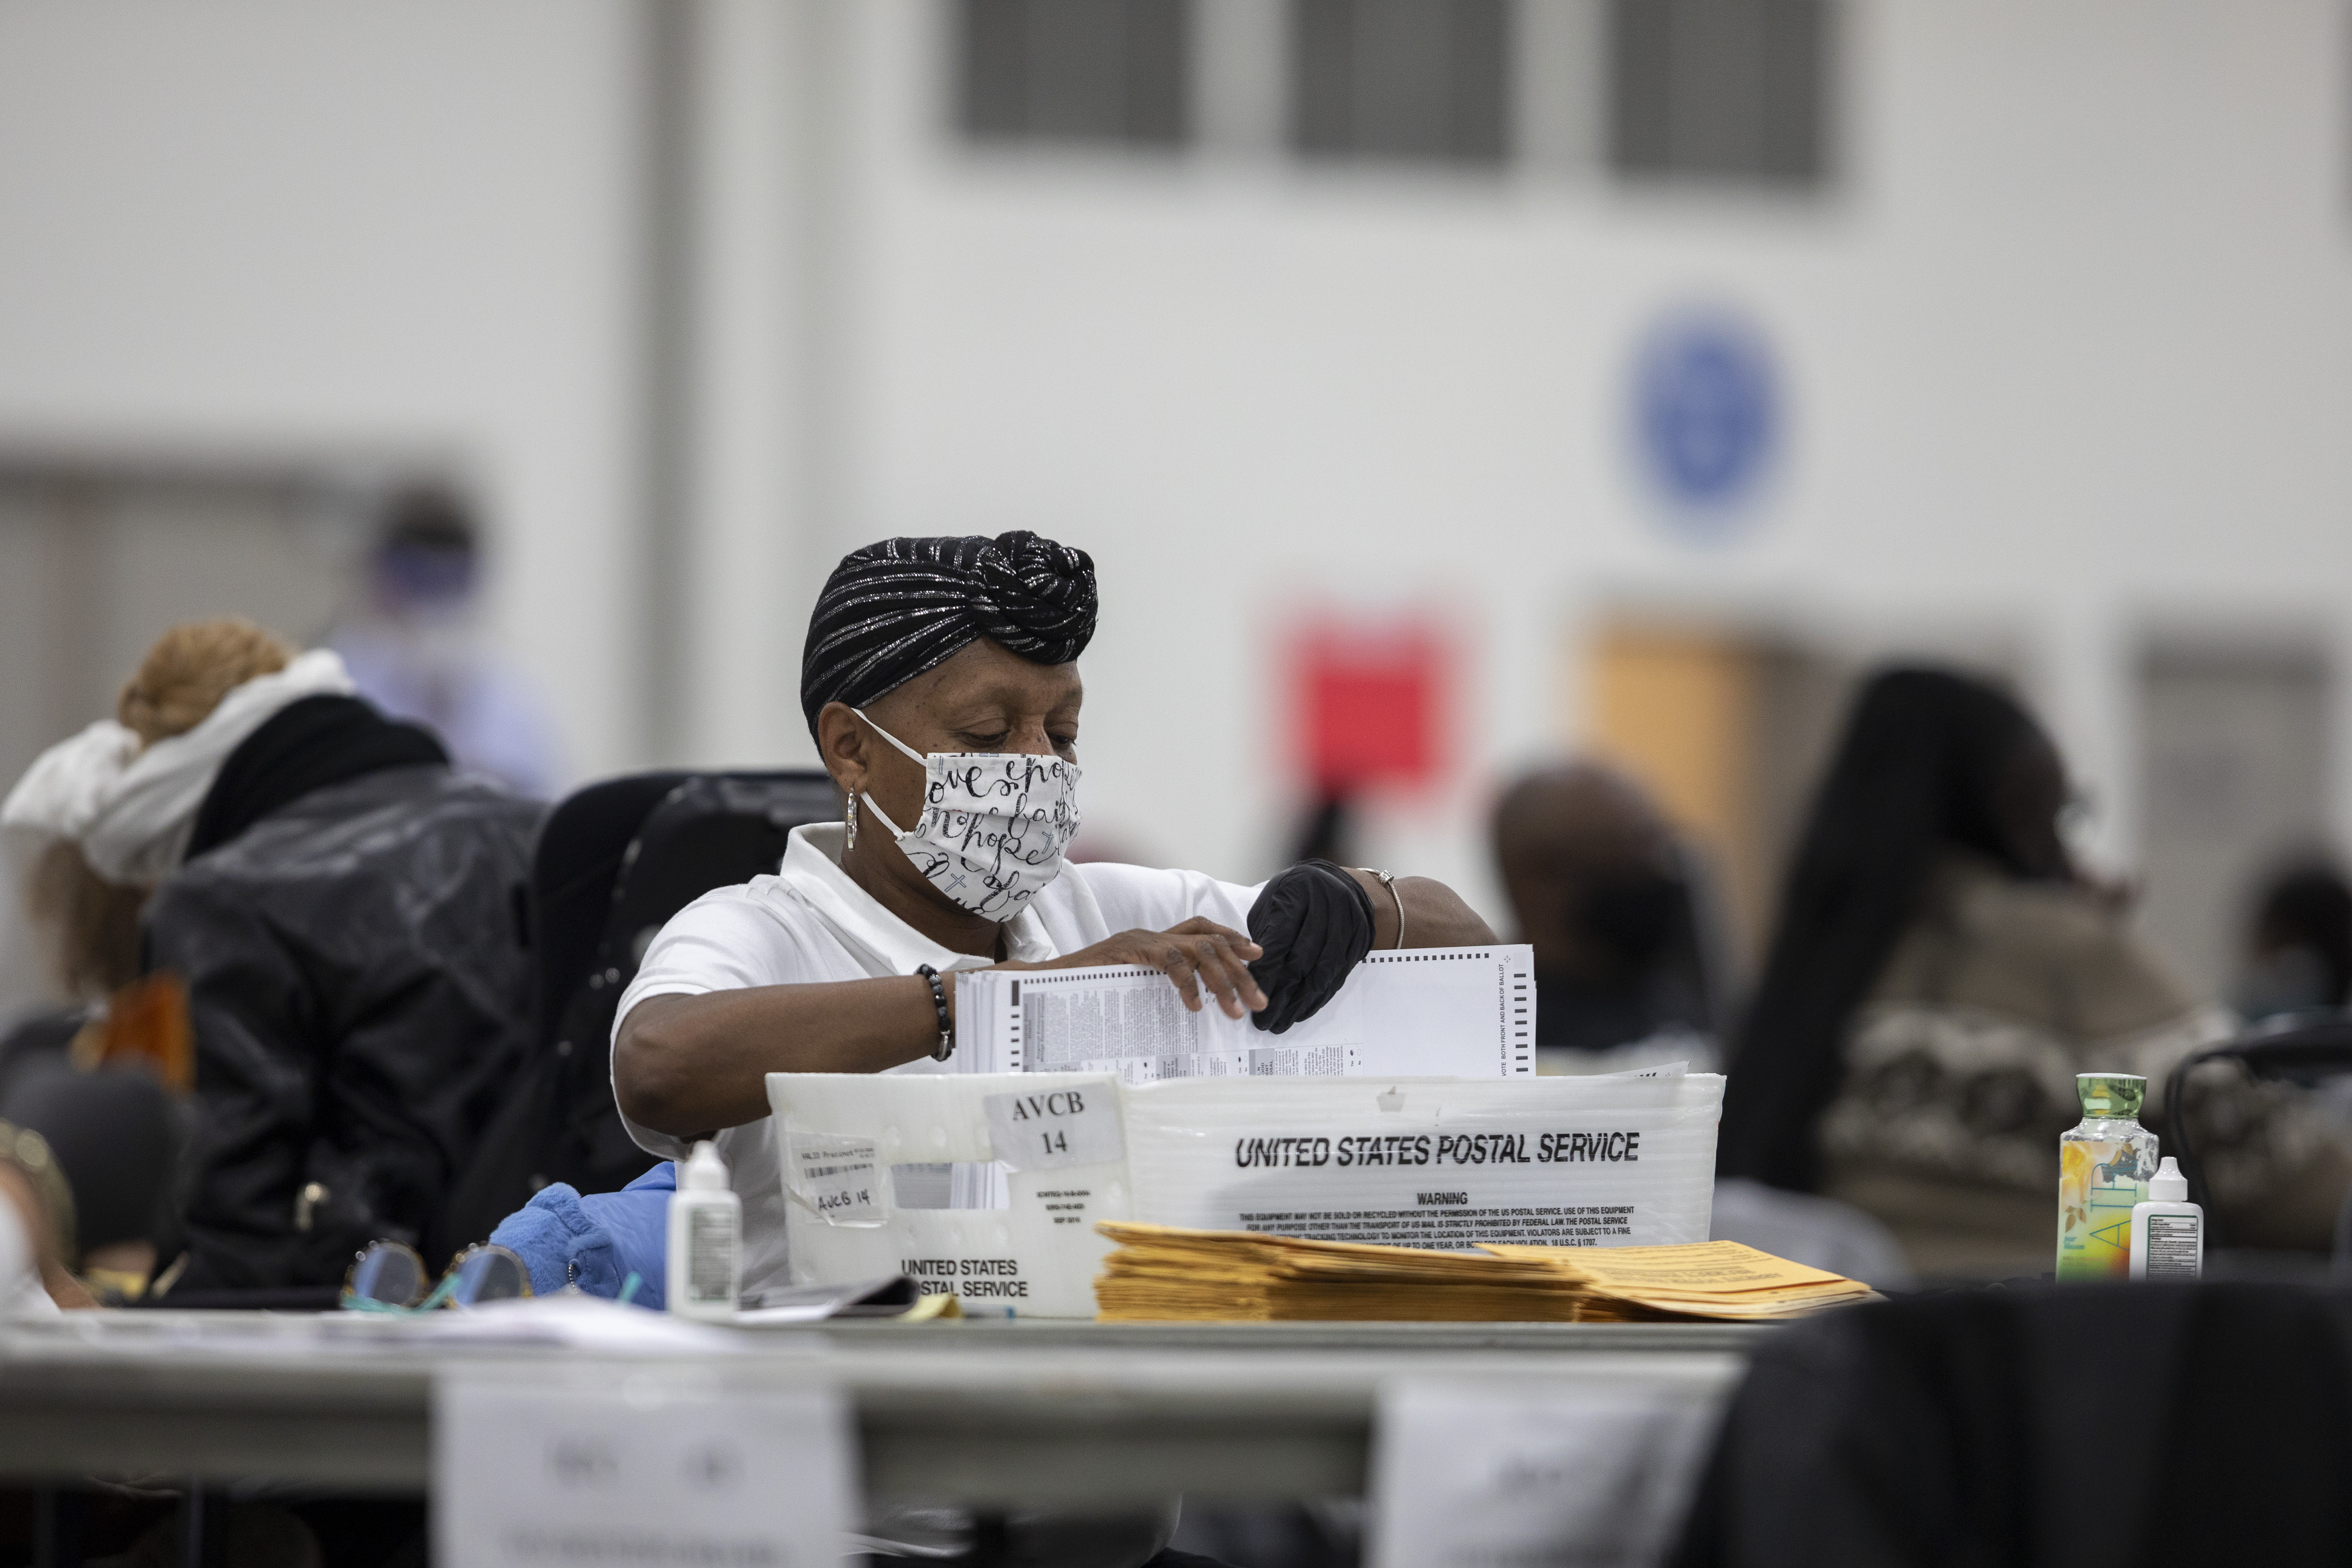 美智囊主任:賓州密歇根等州有選舉欺詐歷史